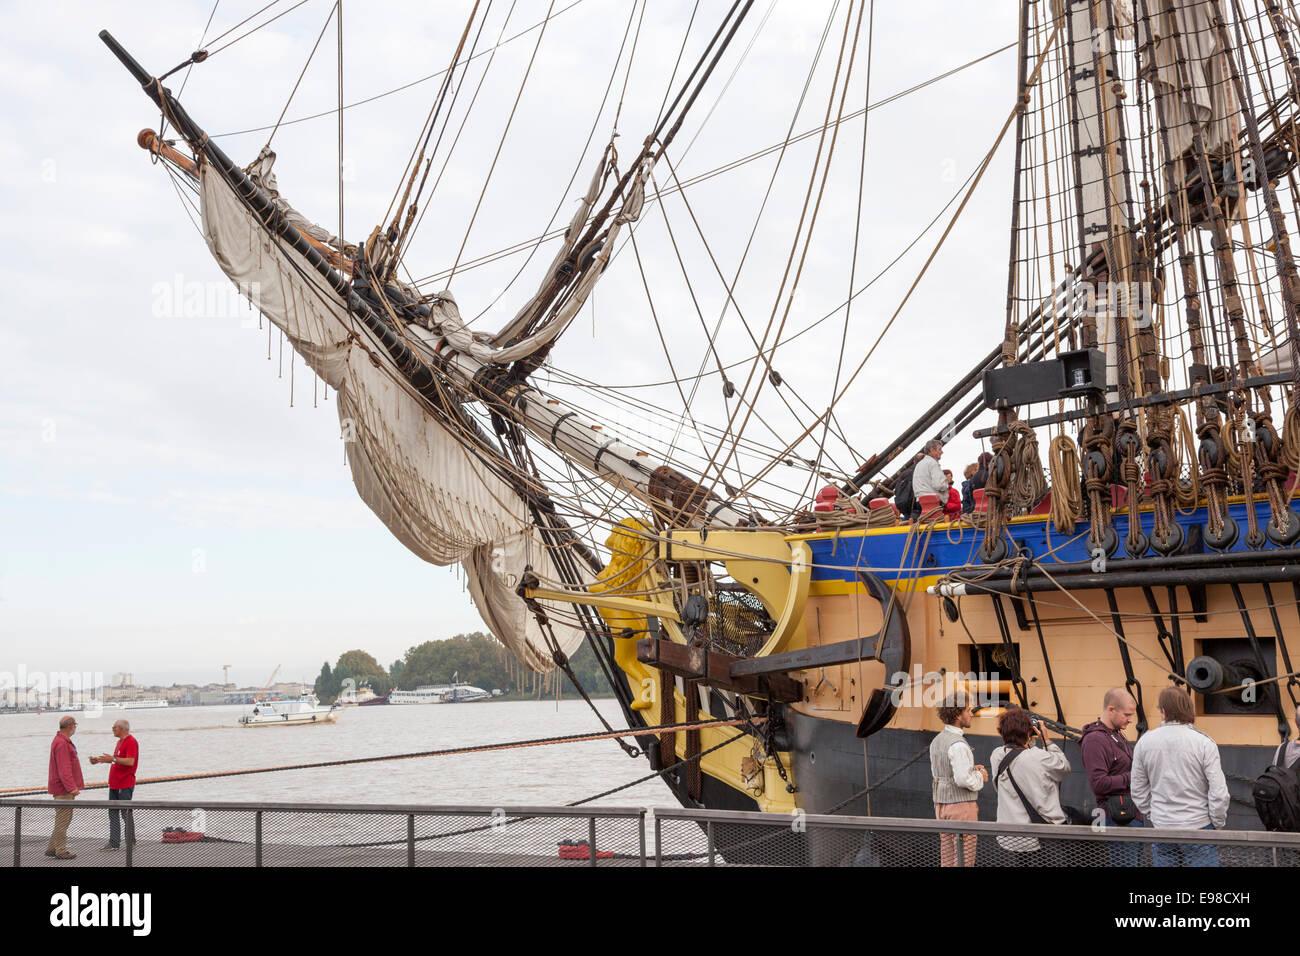 Figurehead and anchor of the frigate l'Hermione. That sculpture shows a lion. Figure de proue et ancre de la - Stock Image